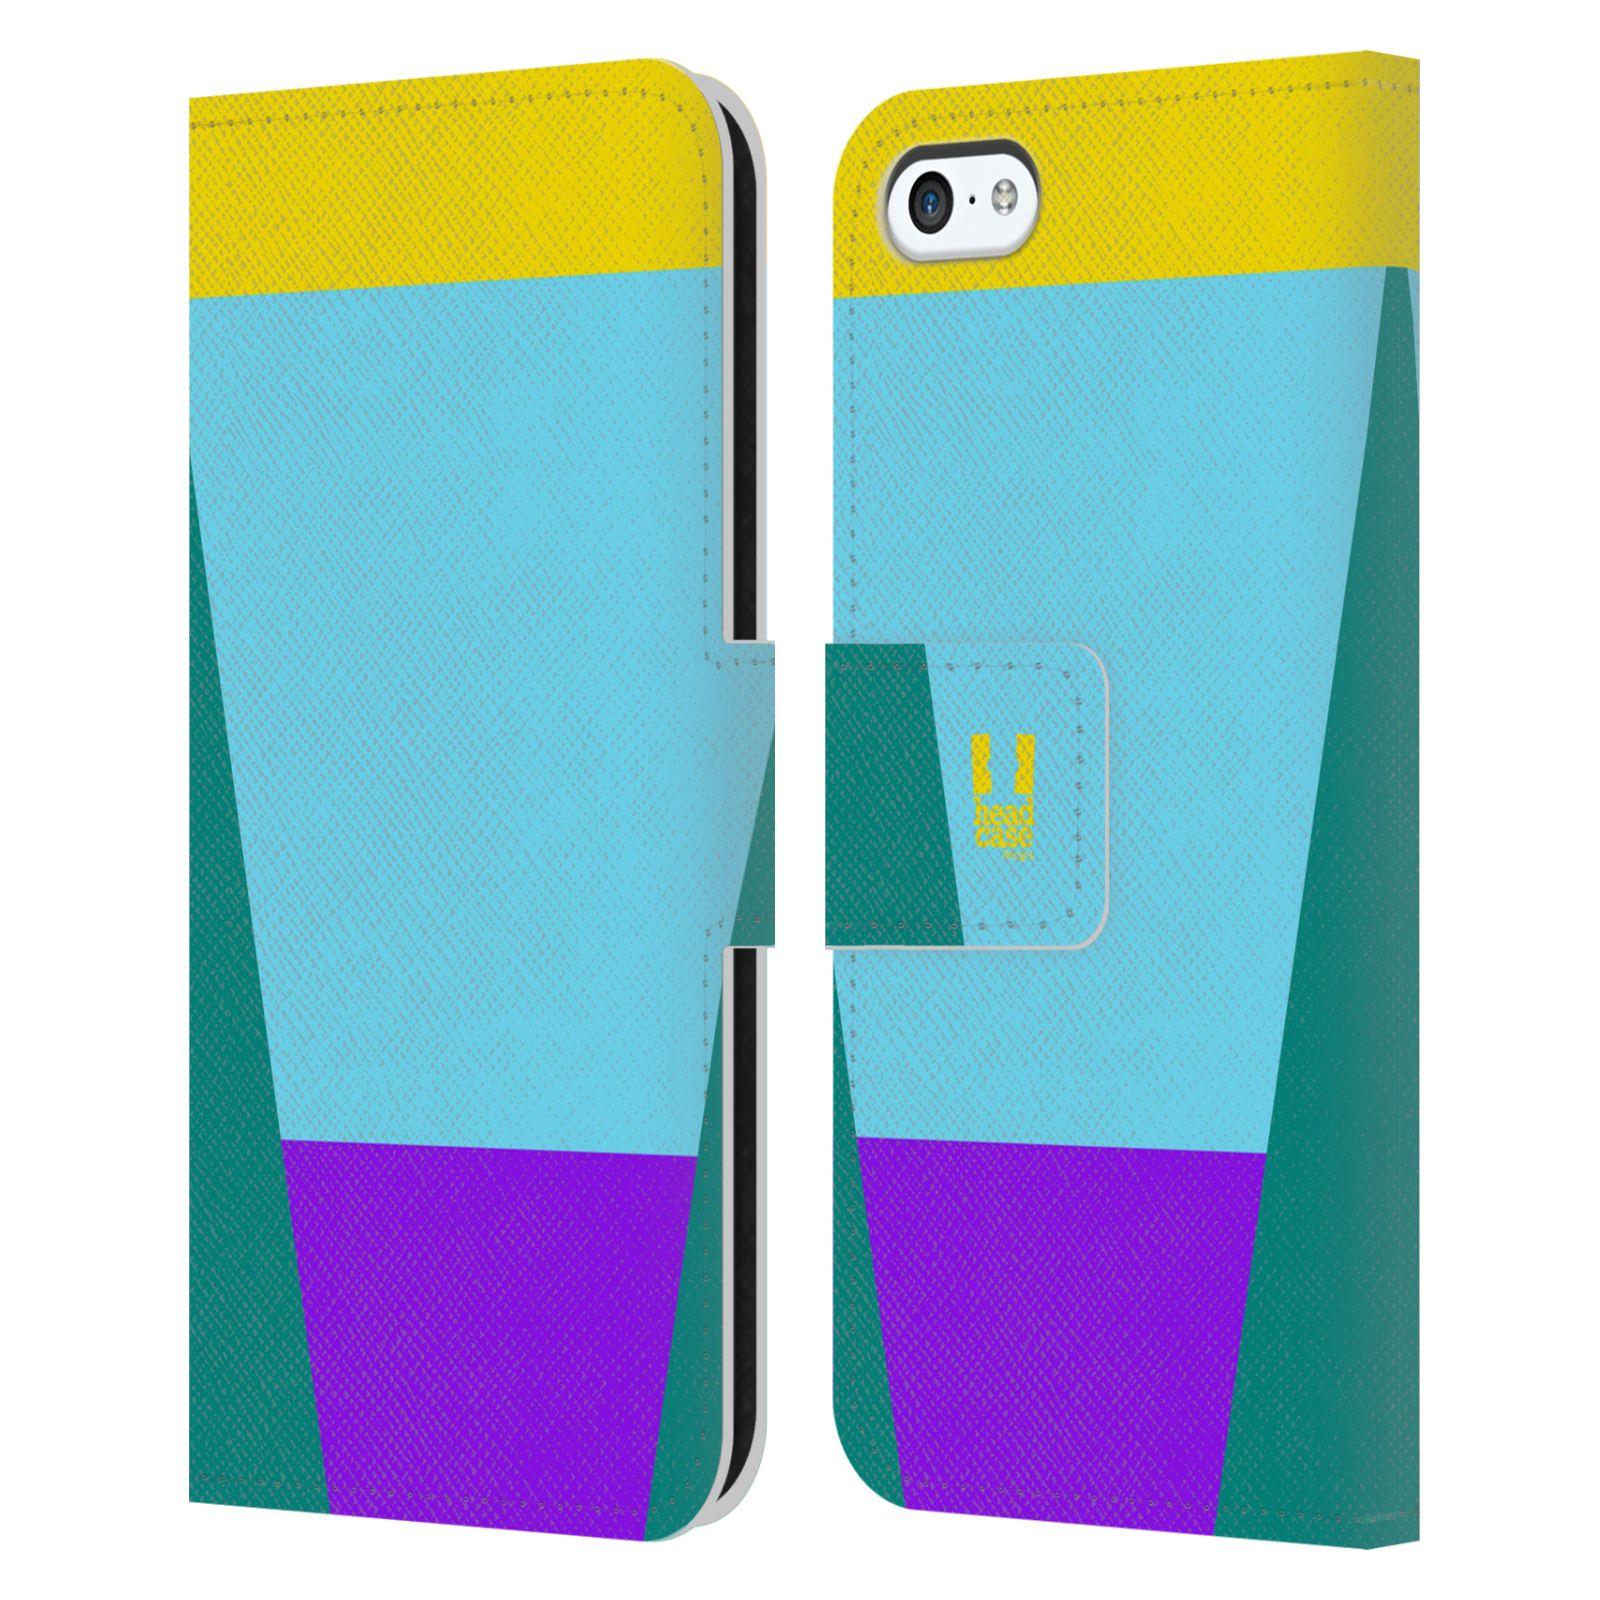 HEAD CASE Flipové pouzdro pro mobil Apple Iphone 5C barevné tvary nebesky modrá